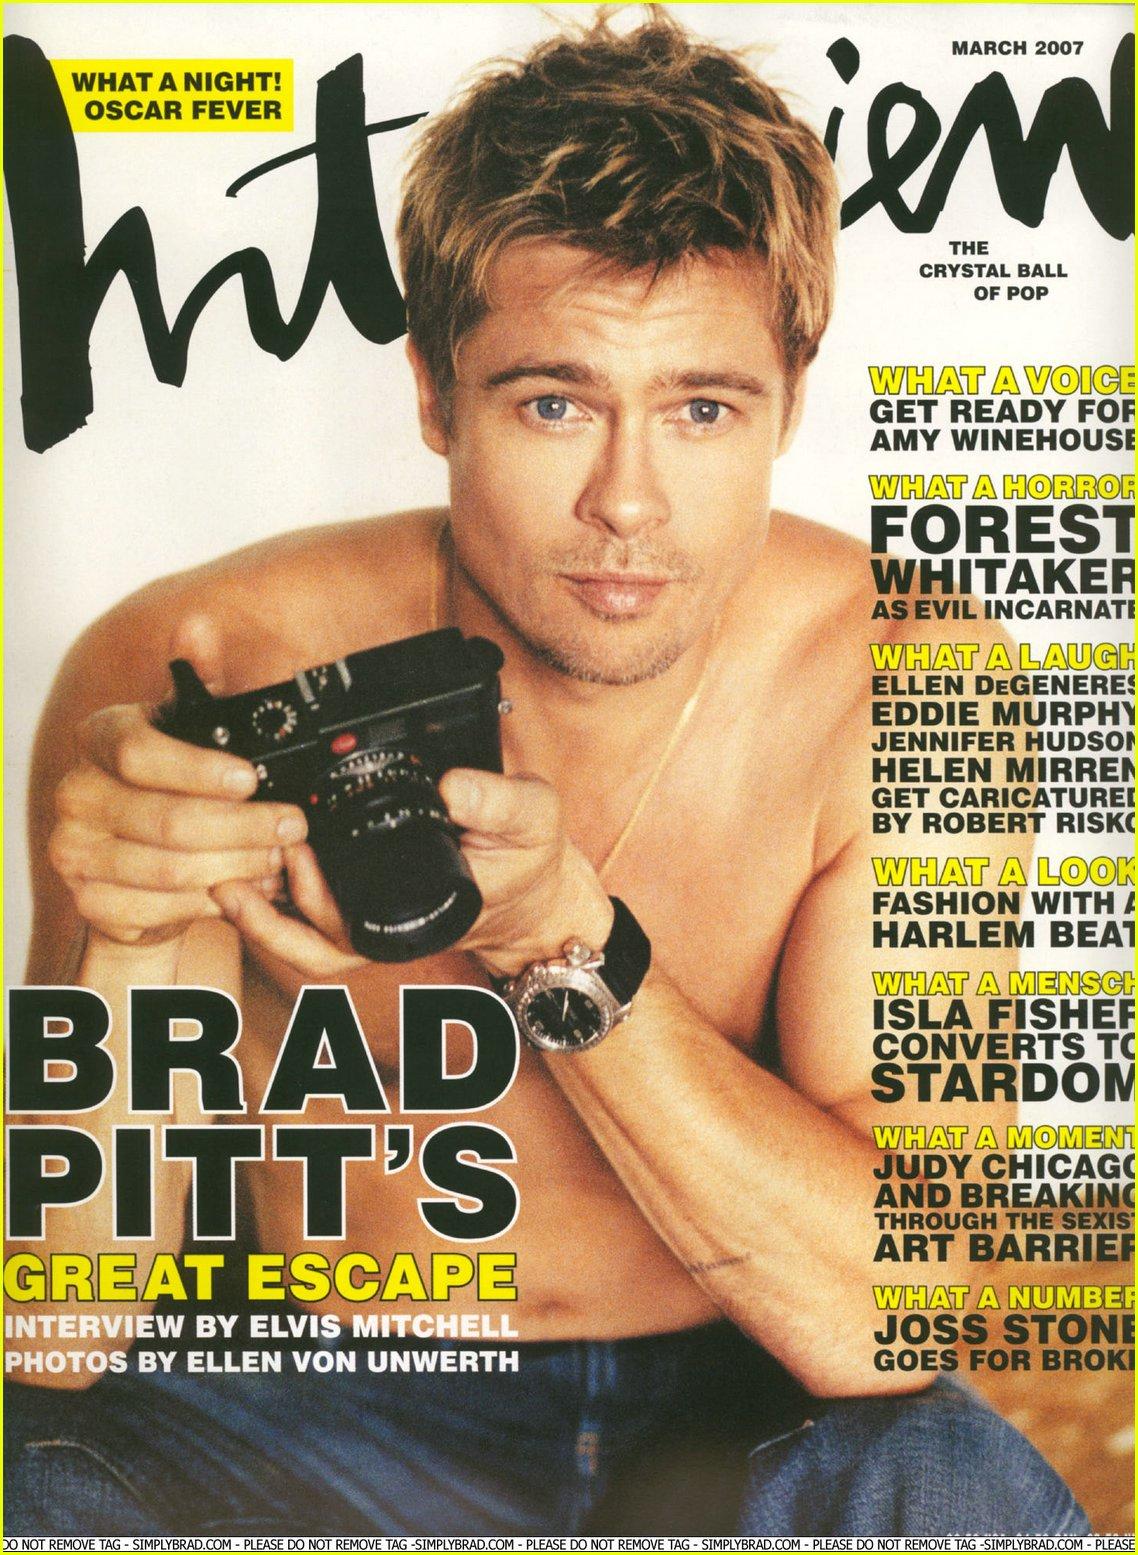 http://2.bp.blogspot.com/_8iM9J5Prstg/TFjzVRJ6lbI/AAAAAAAABlw/m5LODLOxZiU/s1600/brad-pitt-interview-magazine-011%5B1%5D.jpg